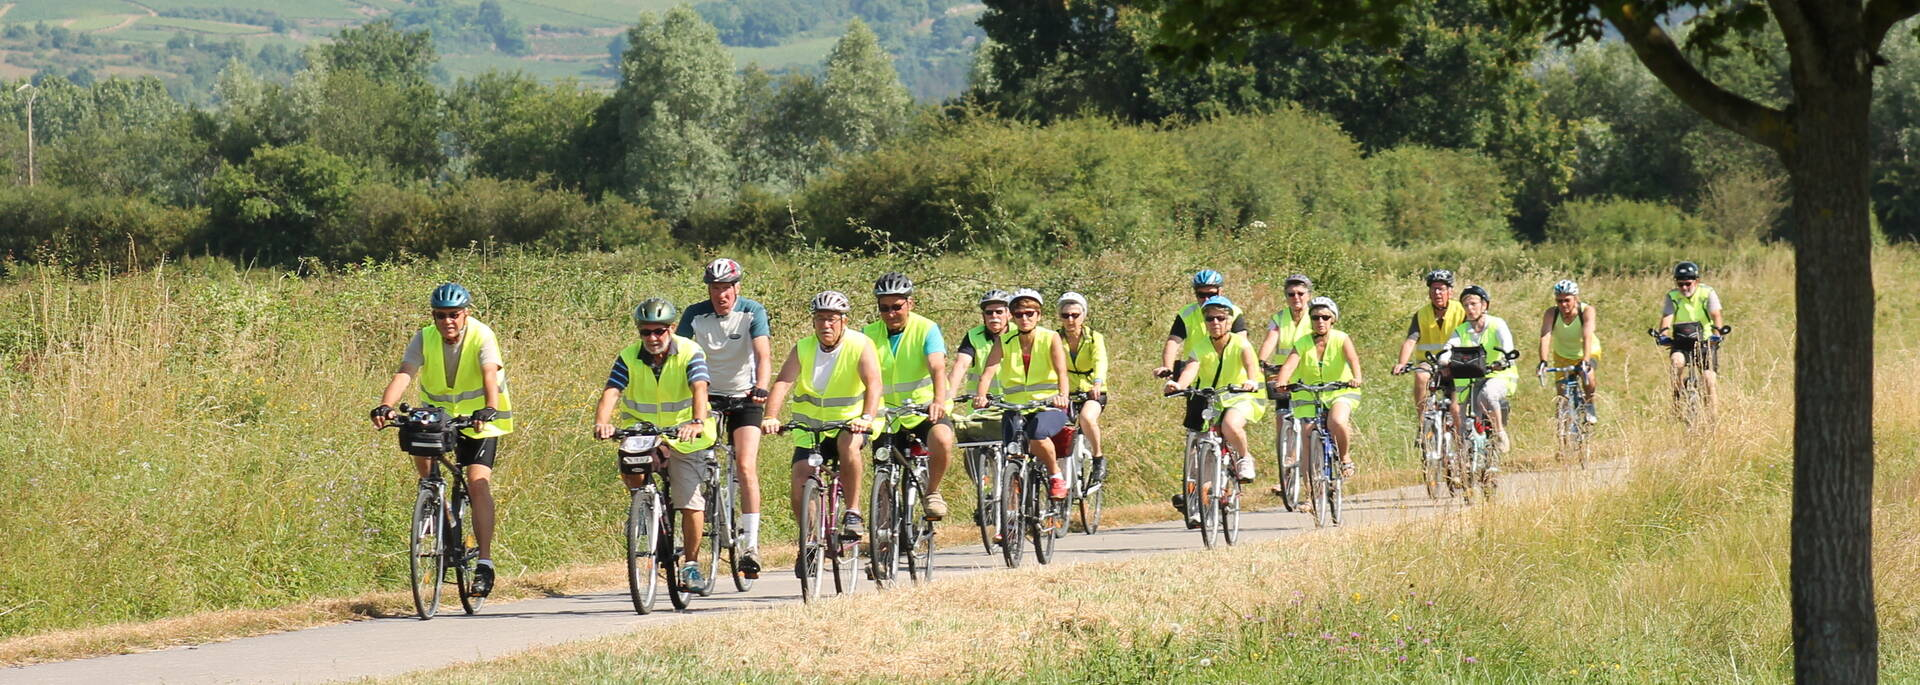 Voie verte Chalon-sur-Saône Macon - © Office de Tourisme